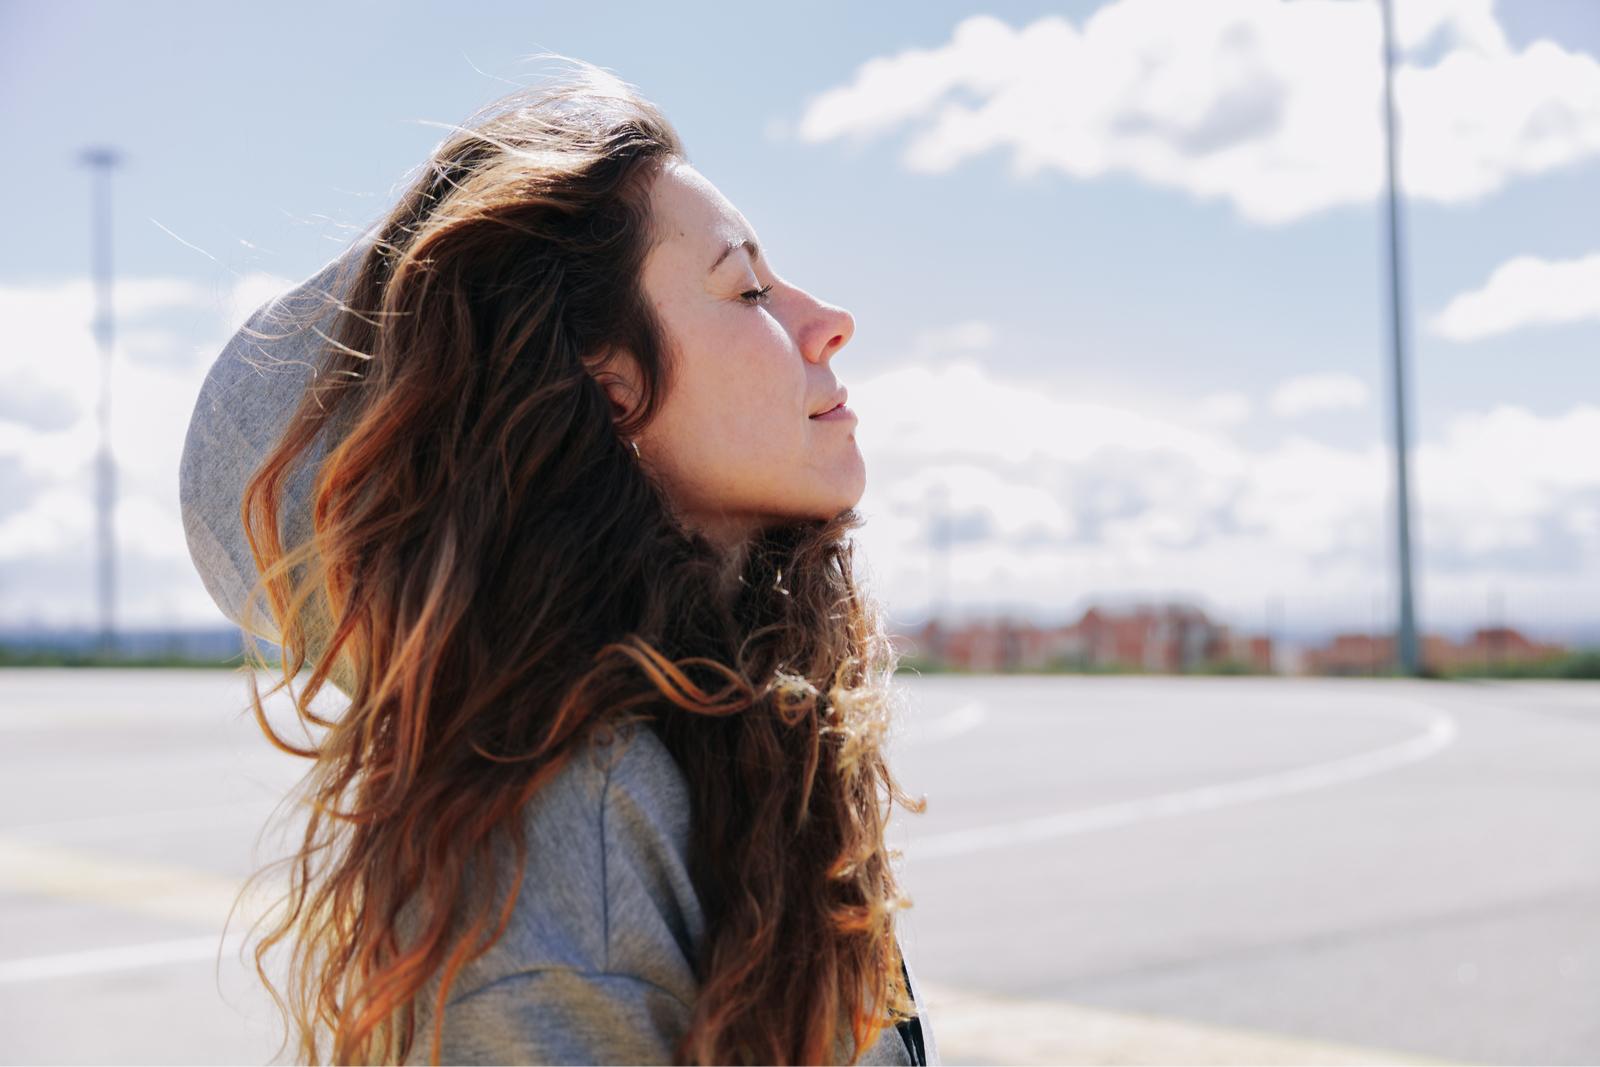 WOMAN RUN HAIR